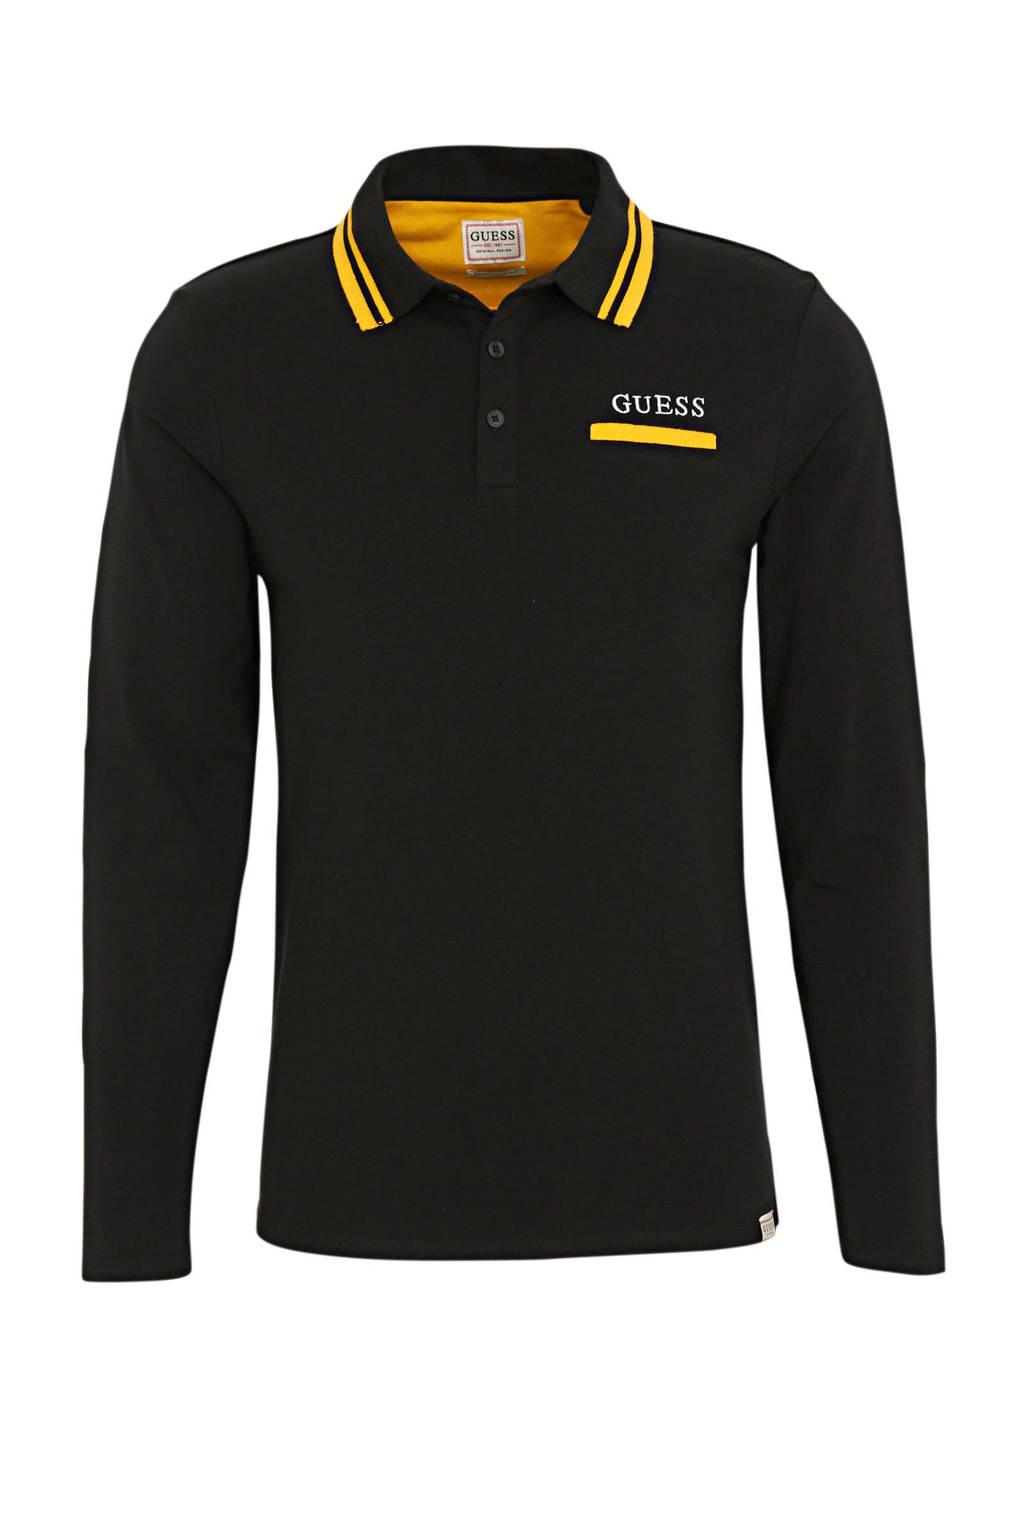 GUESS regular fit polo zwart/geel, Zwart/geel